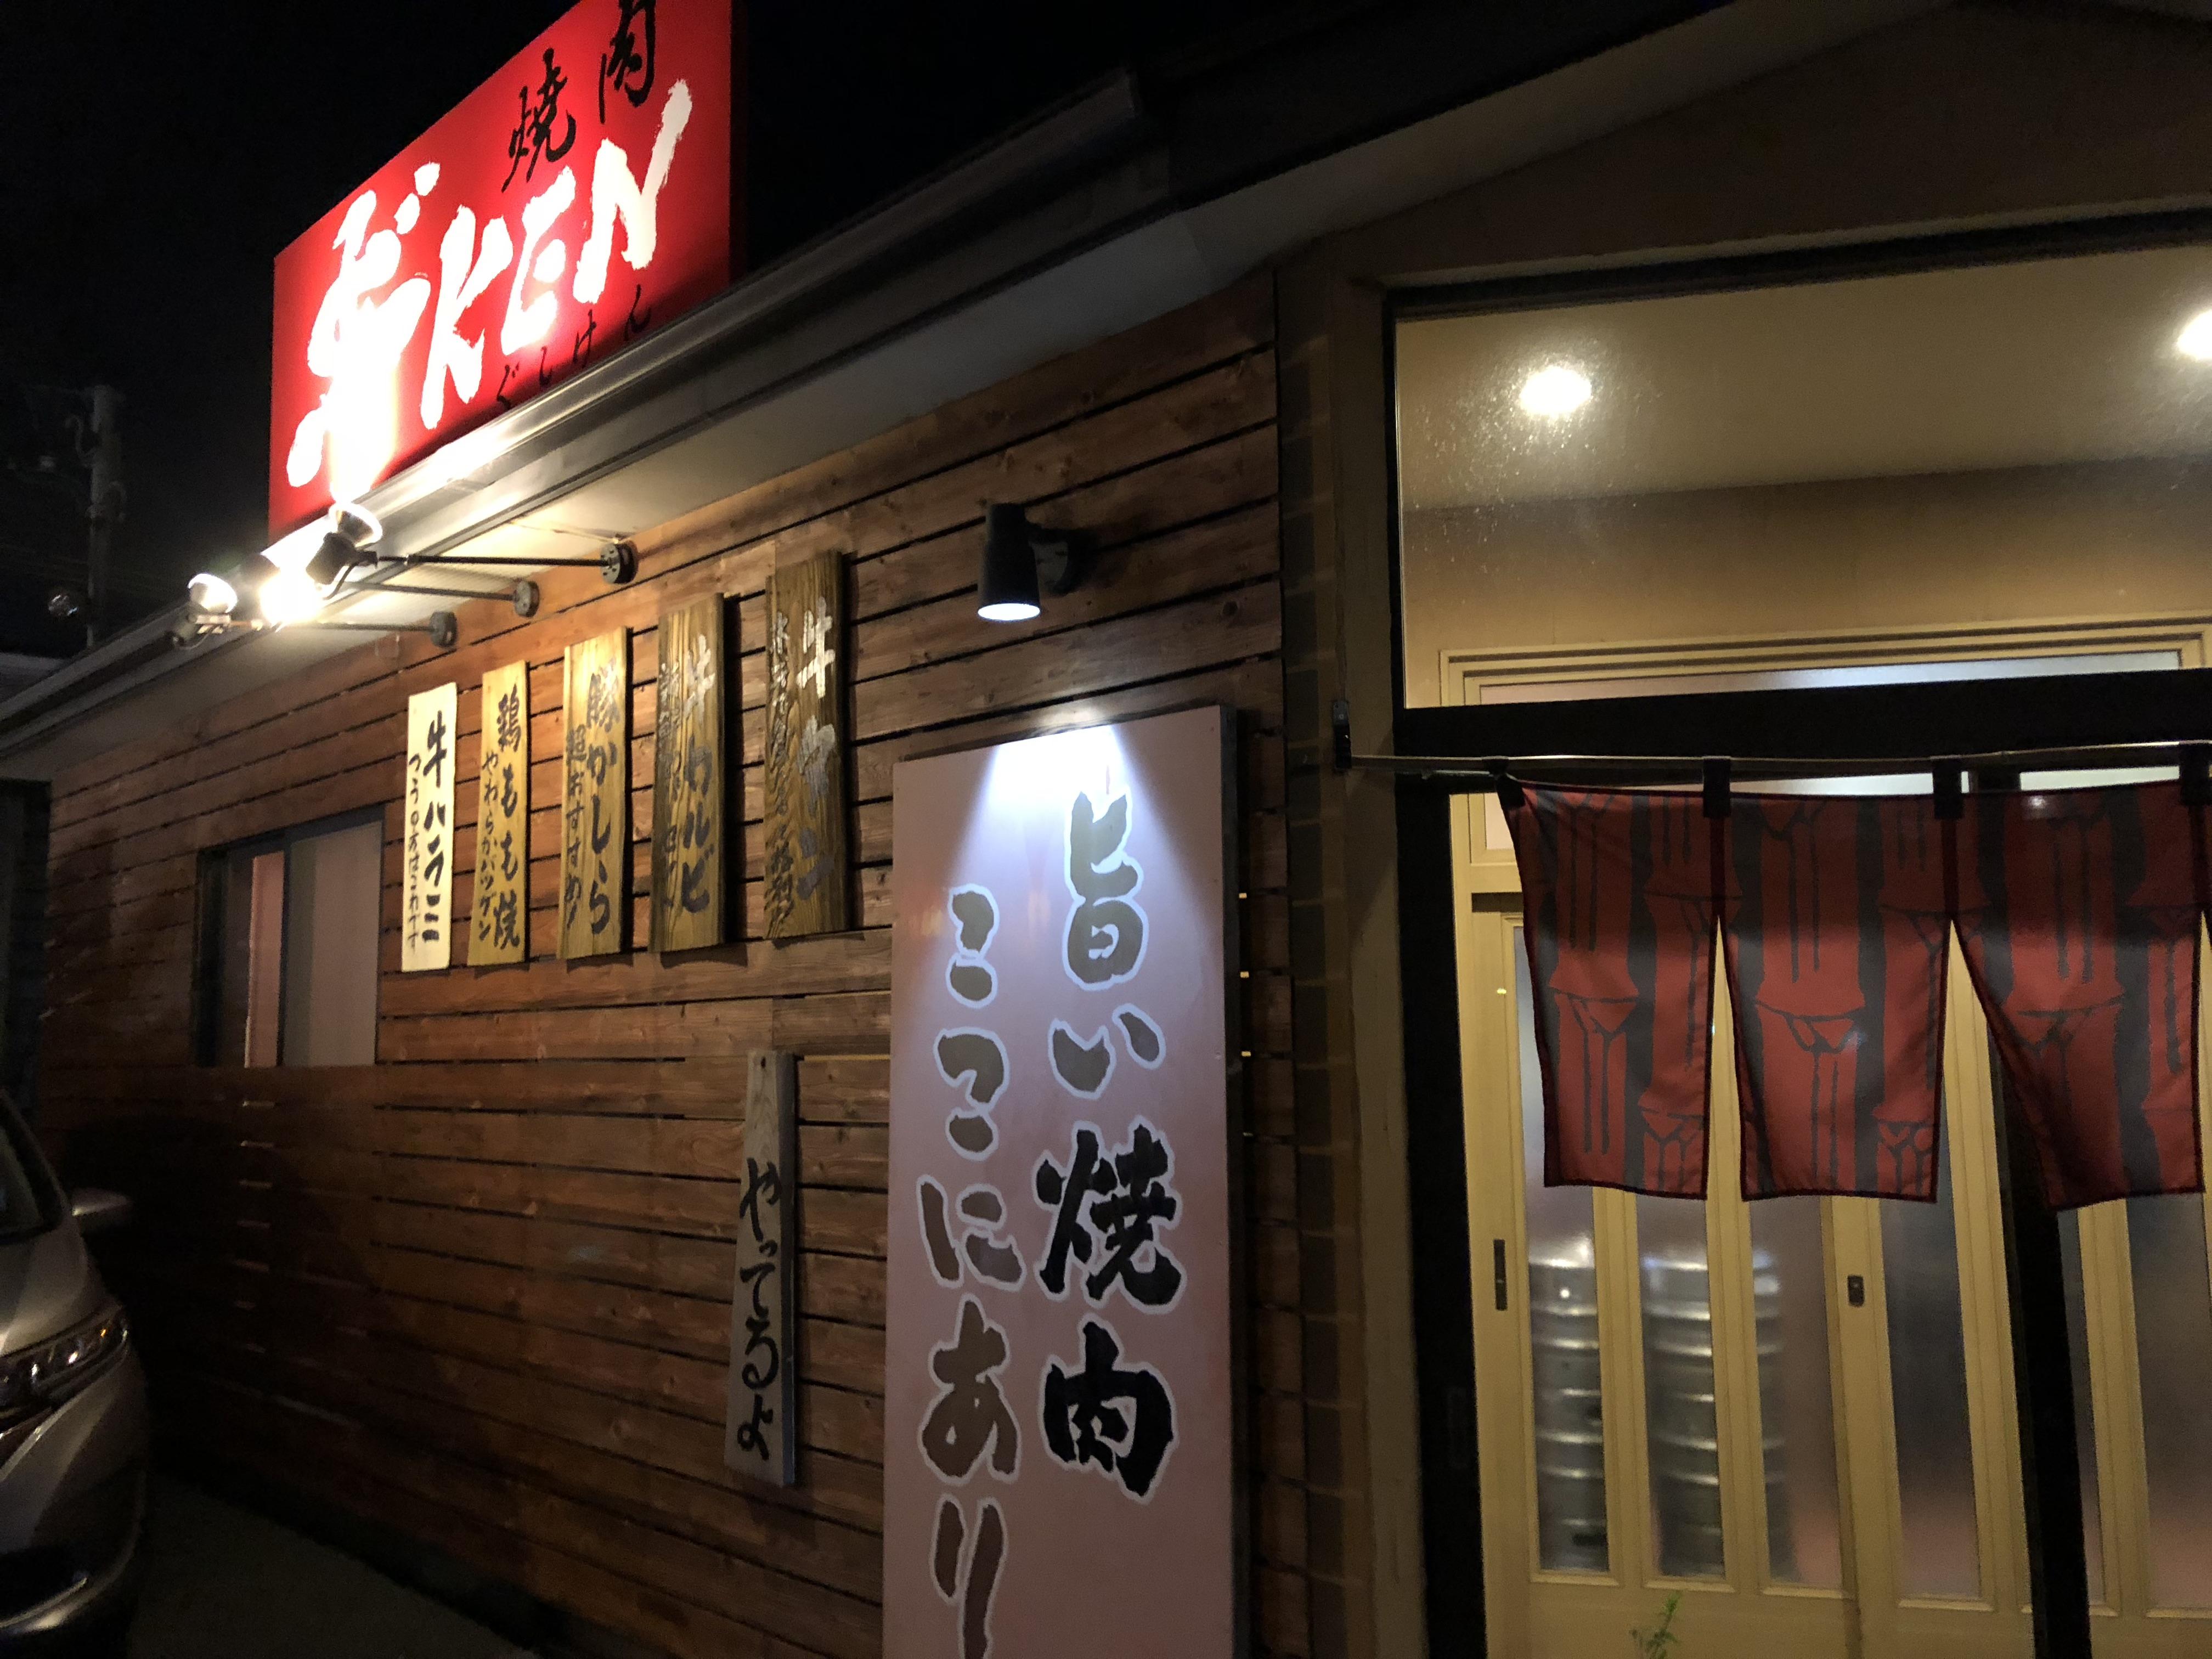 焼肉 串゛ken(ぐしけん)